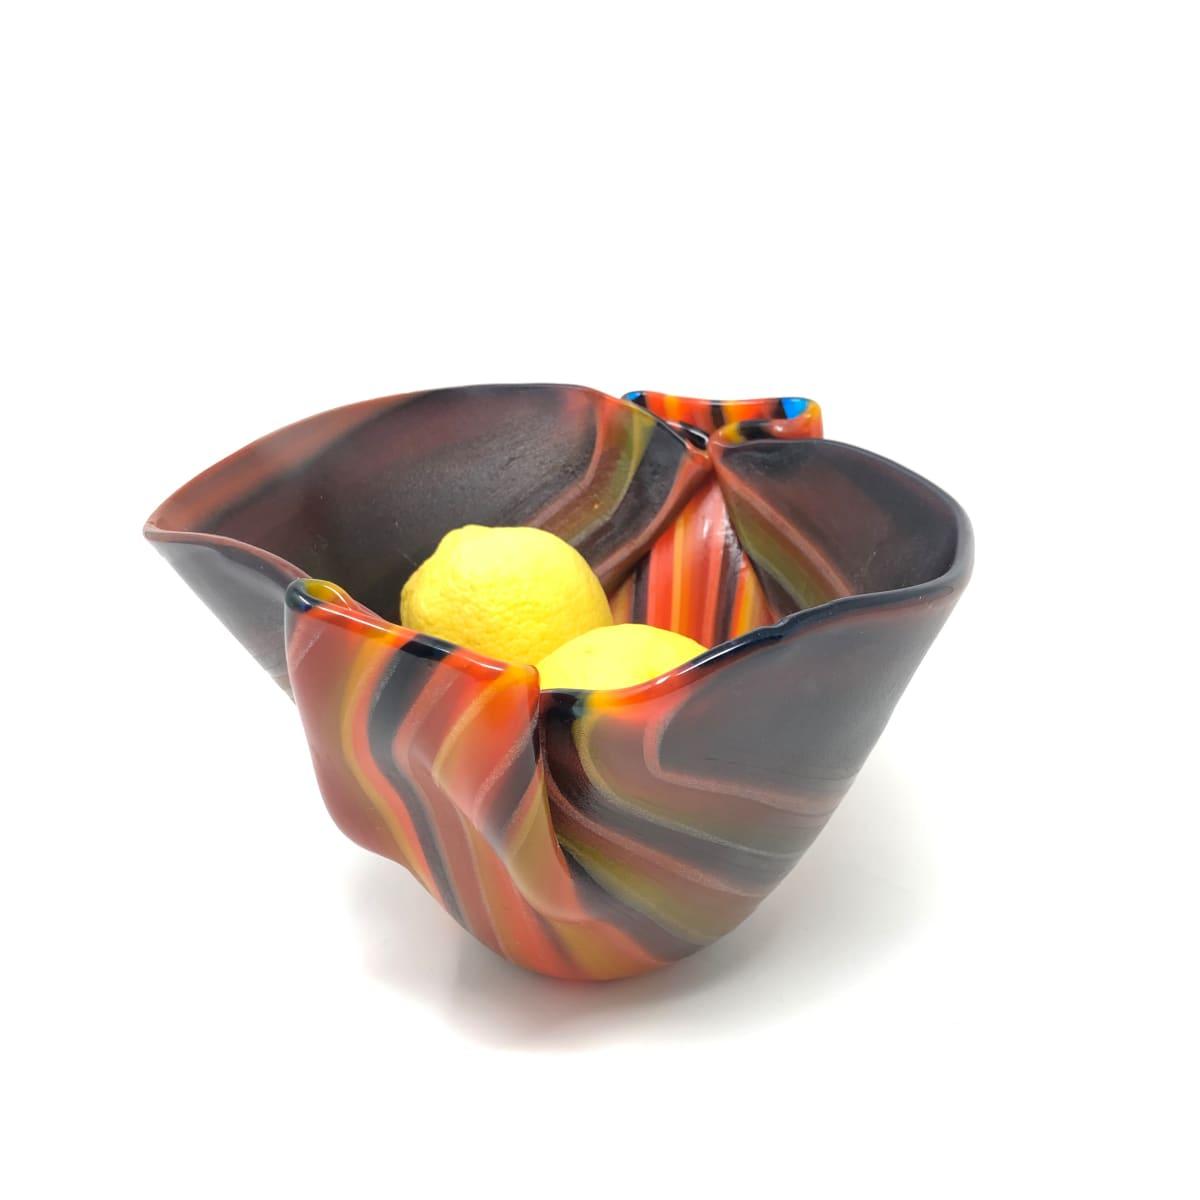 SHI326, Large Orange Drape Bowl by Hilary Shields